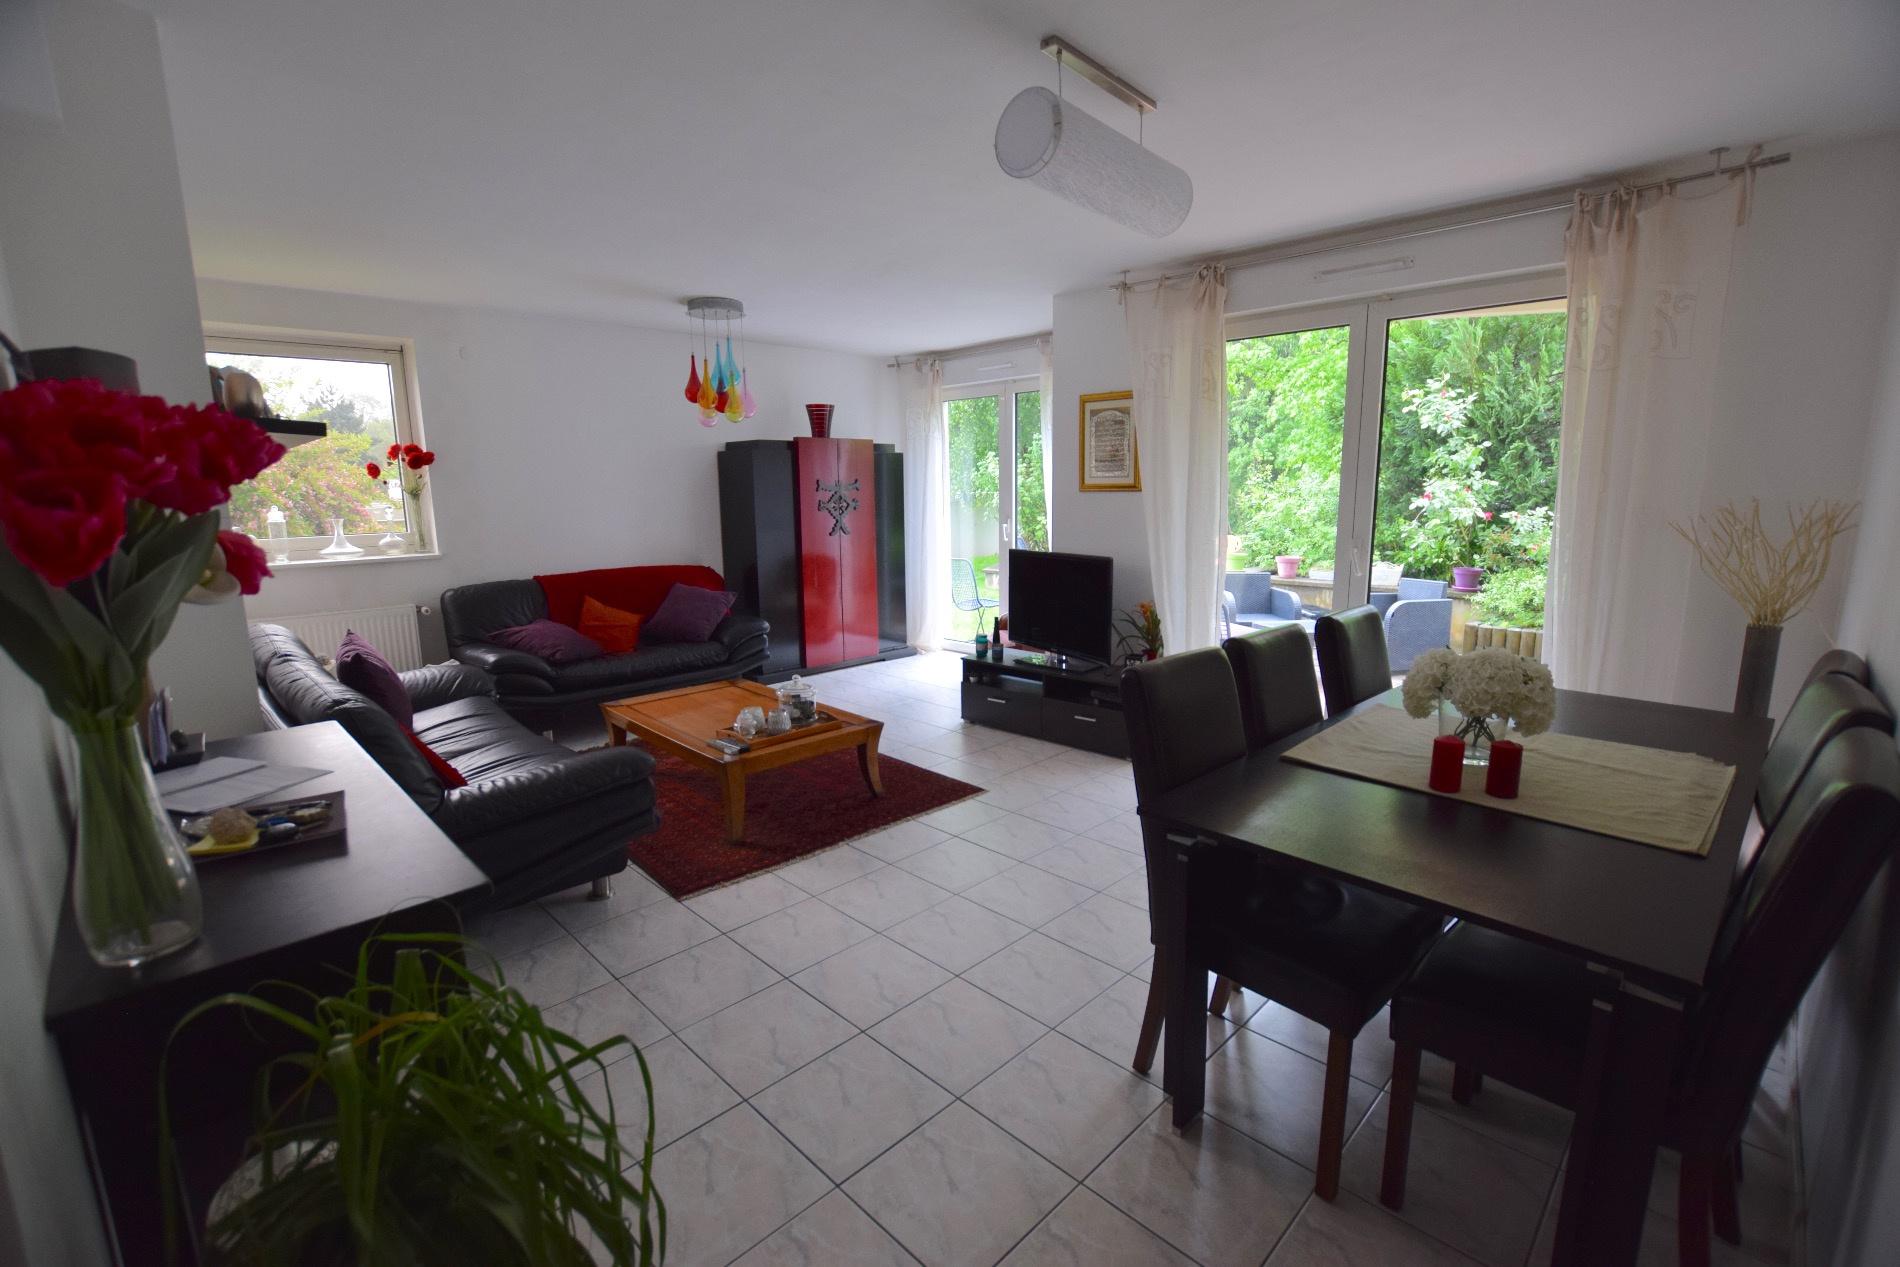 Vente bel appartement f4 enti rement r nov donnant sur for Appartement terrasse et jardin